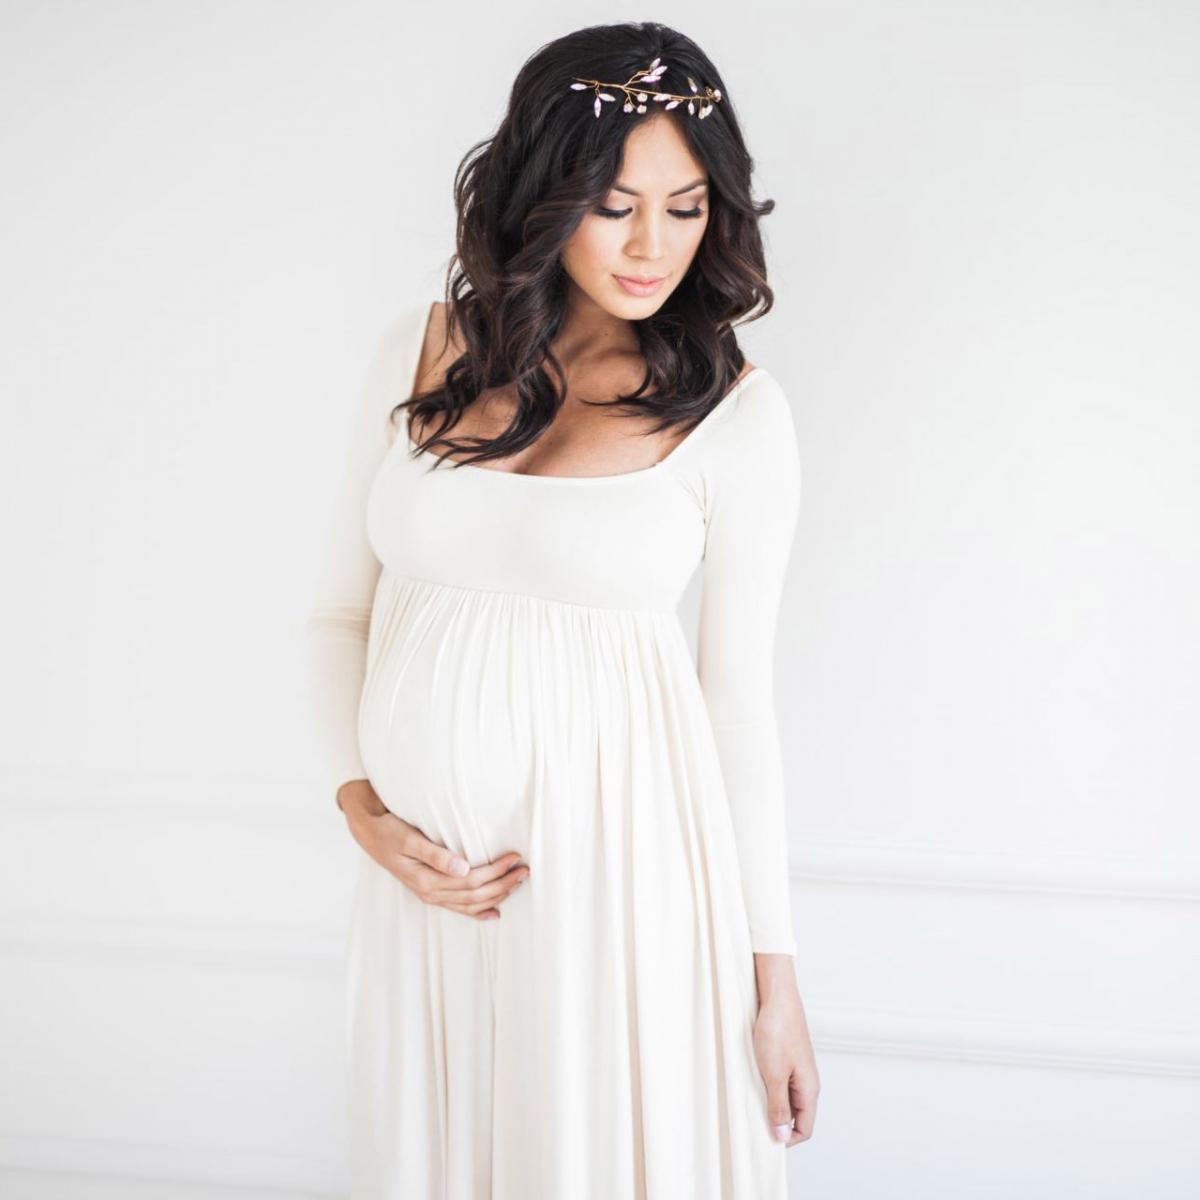 51bdd92b1b4ffe Варіанти сукні для вагітних на весілля - Hot Wedding